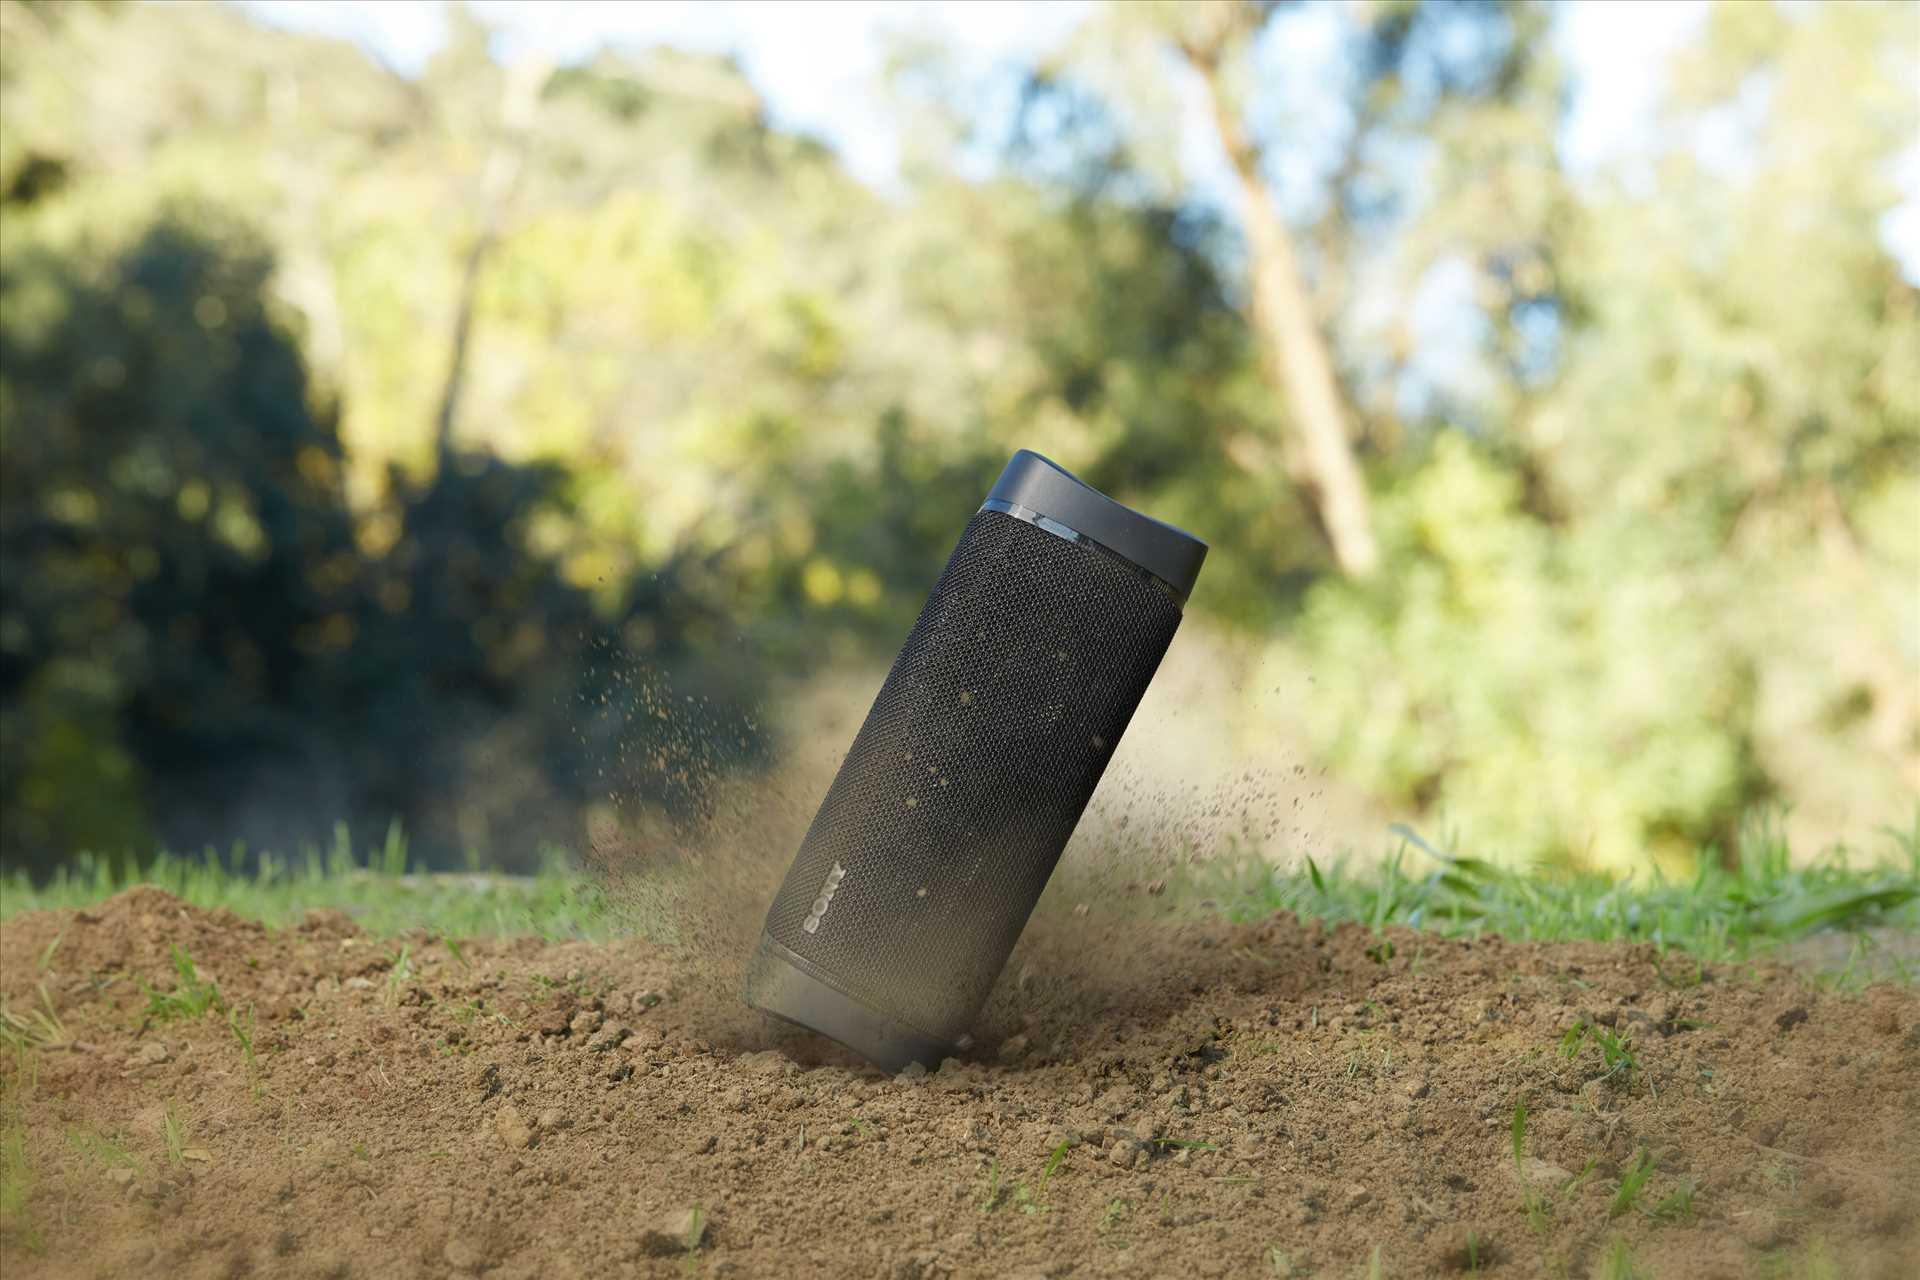 רמקול נייד סוני שחור SONY SRS-XB33B סוני - תמונה 21